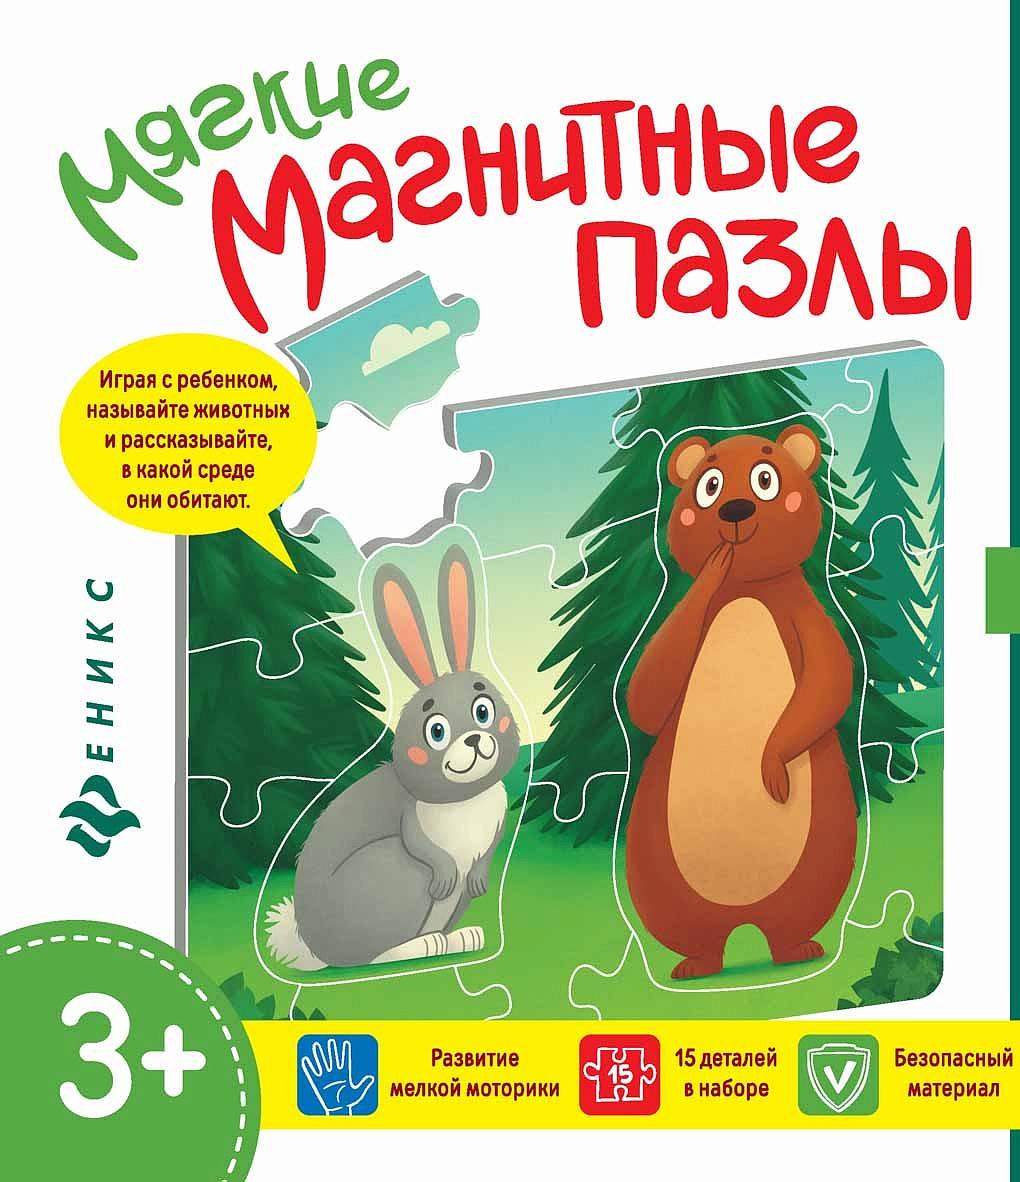 Купить Пазл ФЕНИКС МП2176 Мишка и зайка, Бумага, EVA, Для мальчиков и девочек, Пазлы